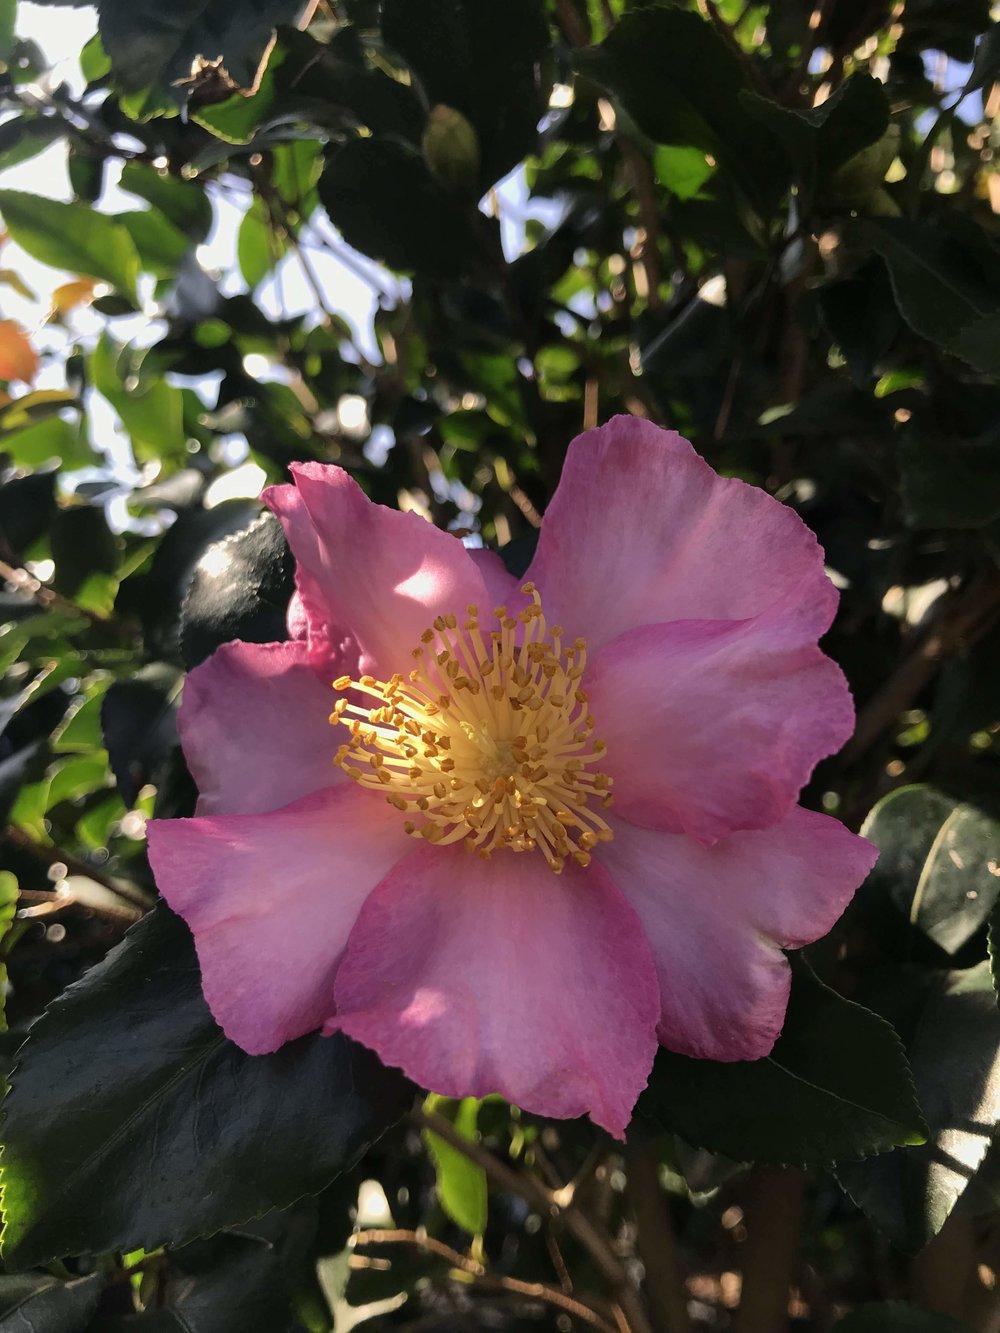 Camellia sasanqua 'Cleopatra' bloom